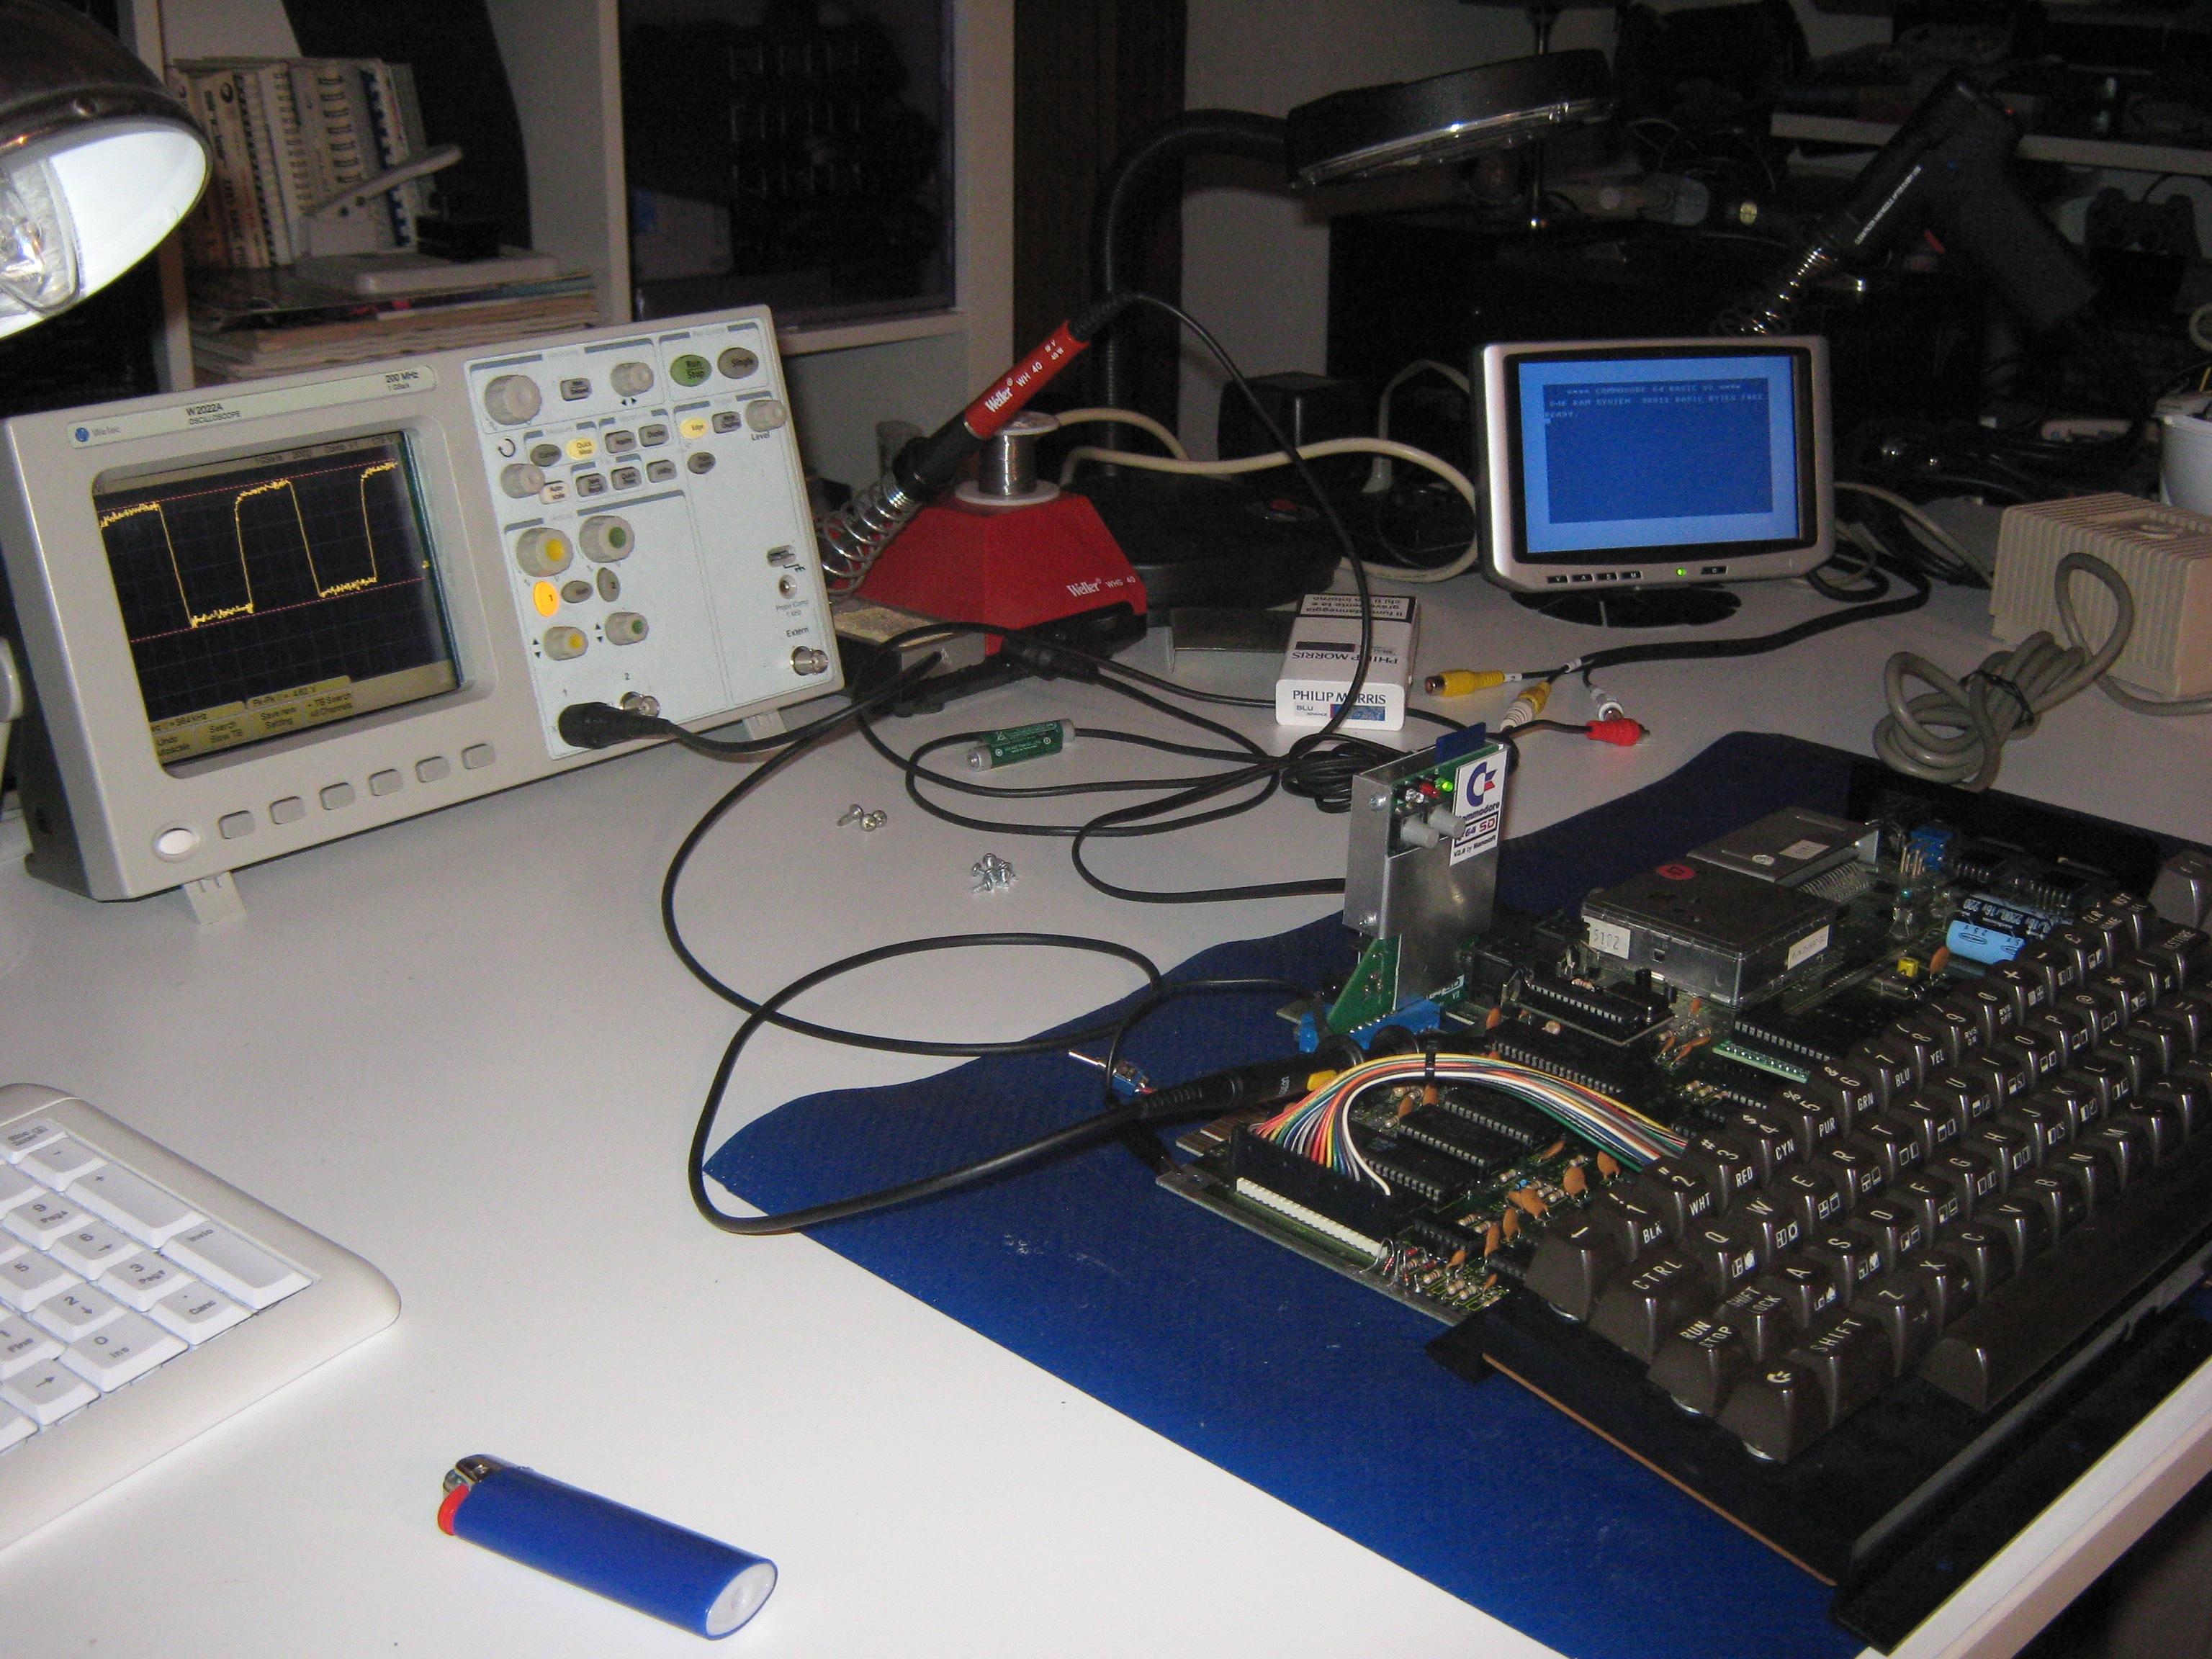 Tavolo Da Lavoro Elettronica : Il mio tavolo da lavoro per piccole riparazioni di elettronica